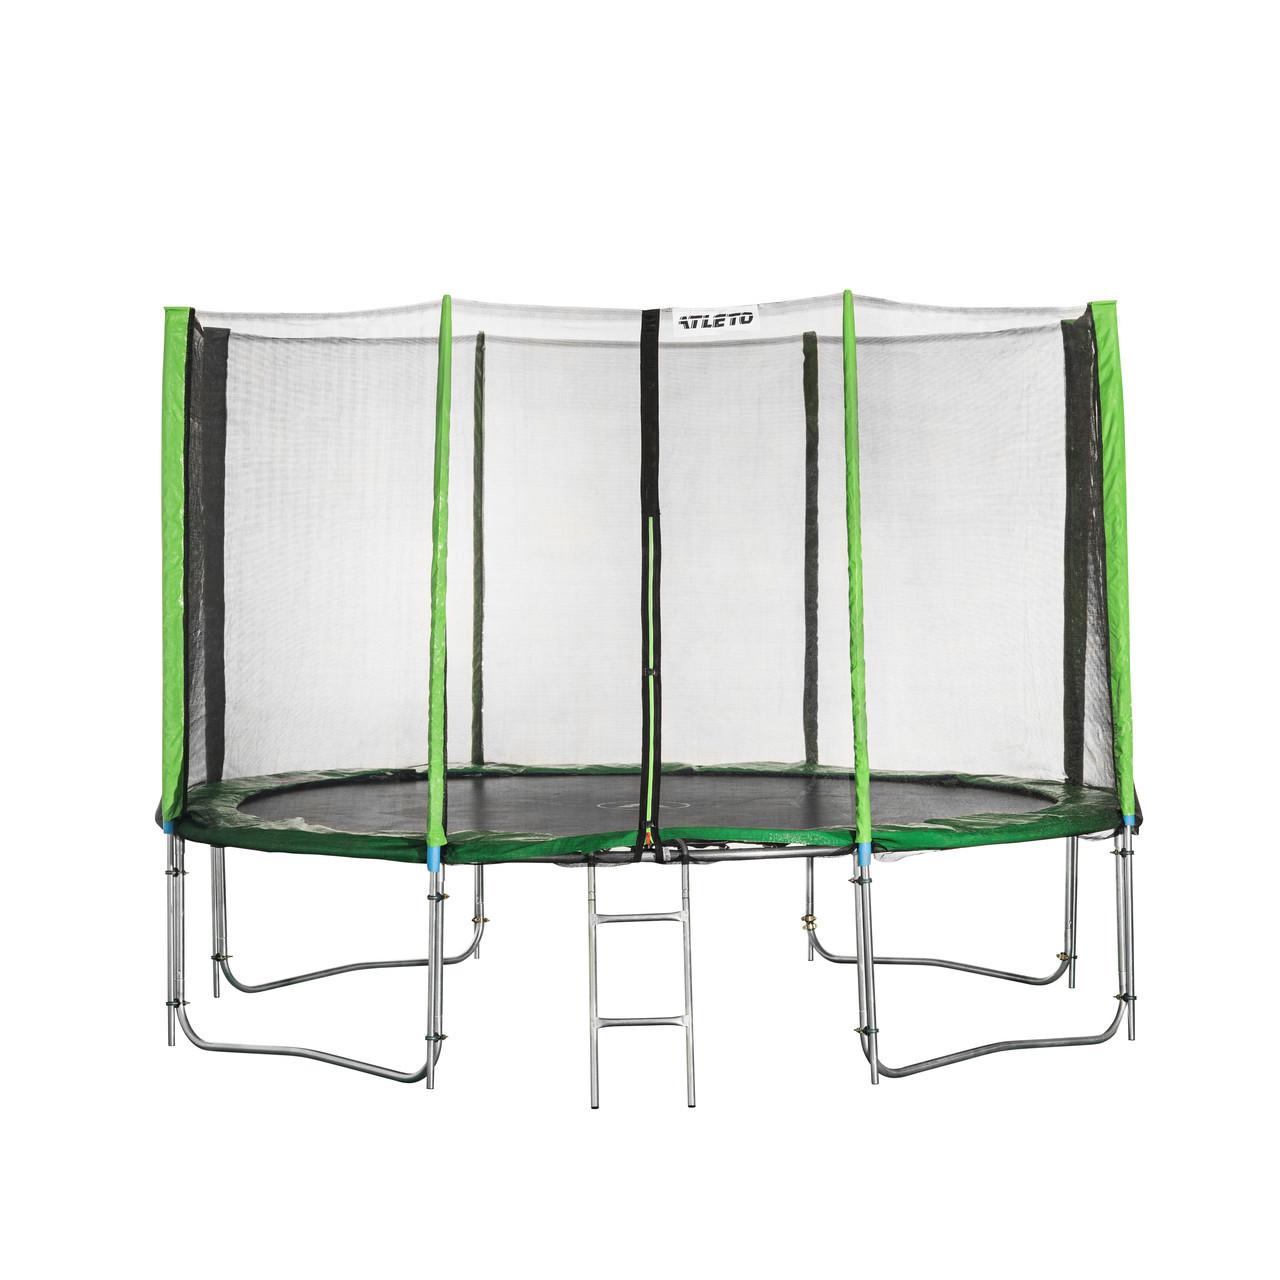 Батут Atleto 374 см с двойными ногами с сеткой зеленый (2 места)